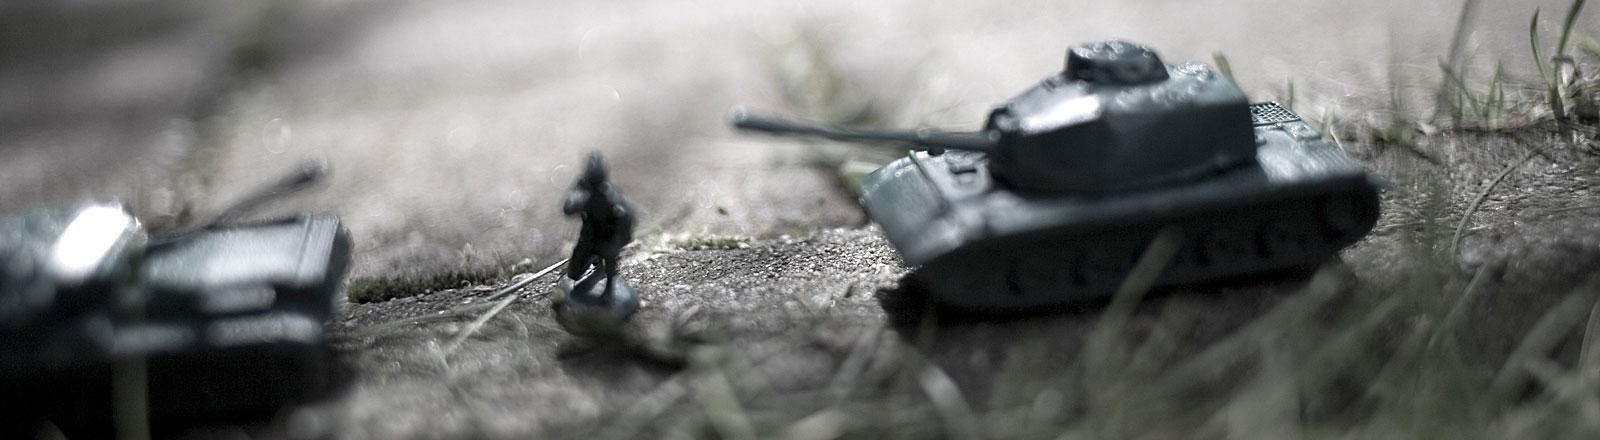 Zwei Spielzeugpanzer bedrohen einen Spielzeugsoldaten